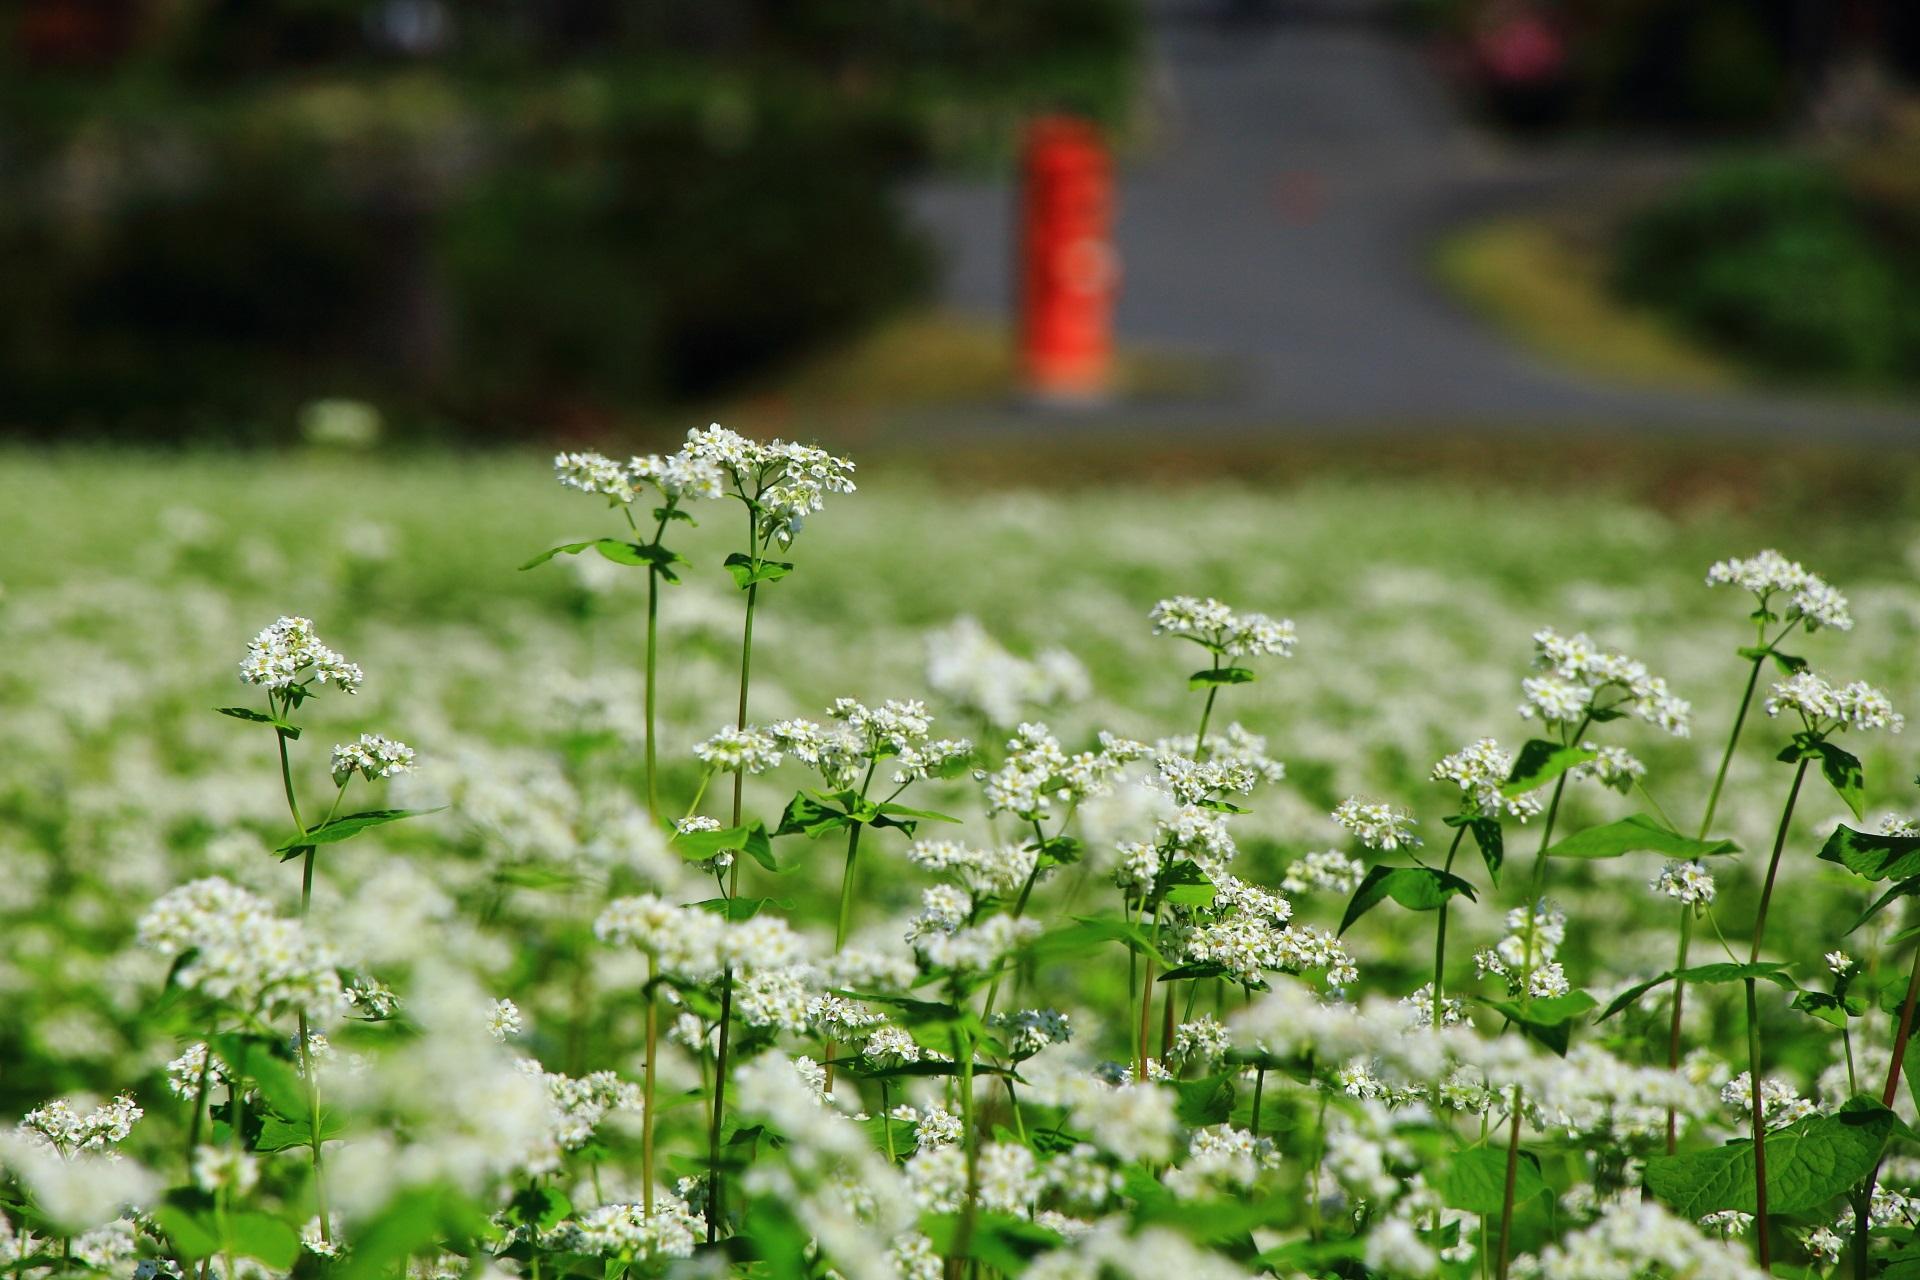 白く可憐な蕎麦(そば)の花と後ろに見える赤いポスト